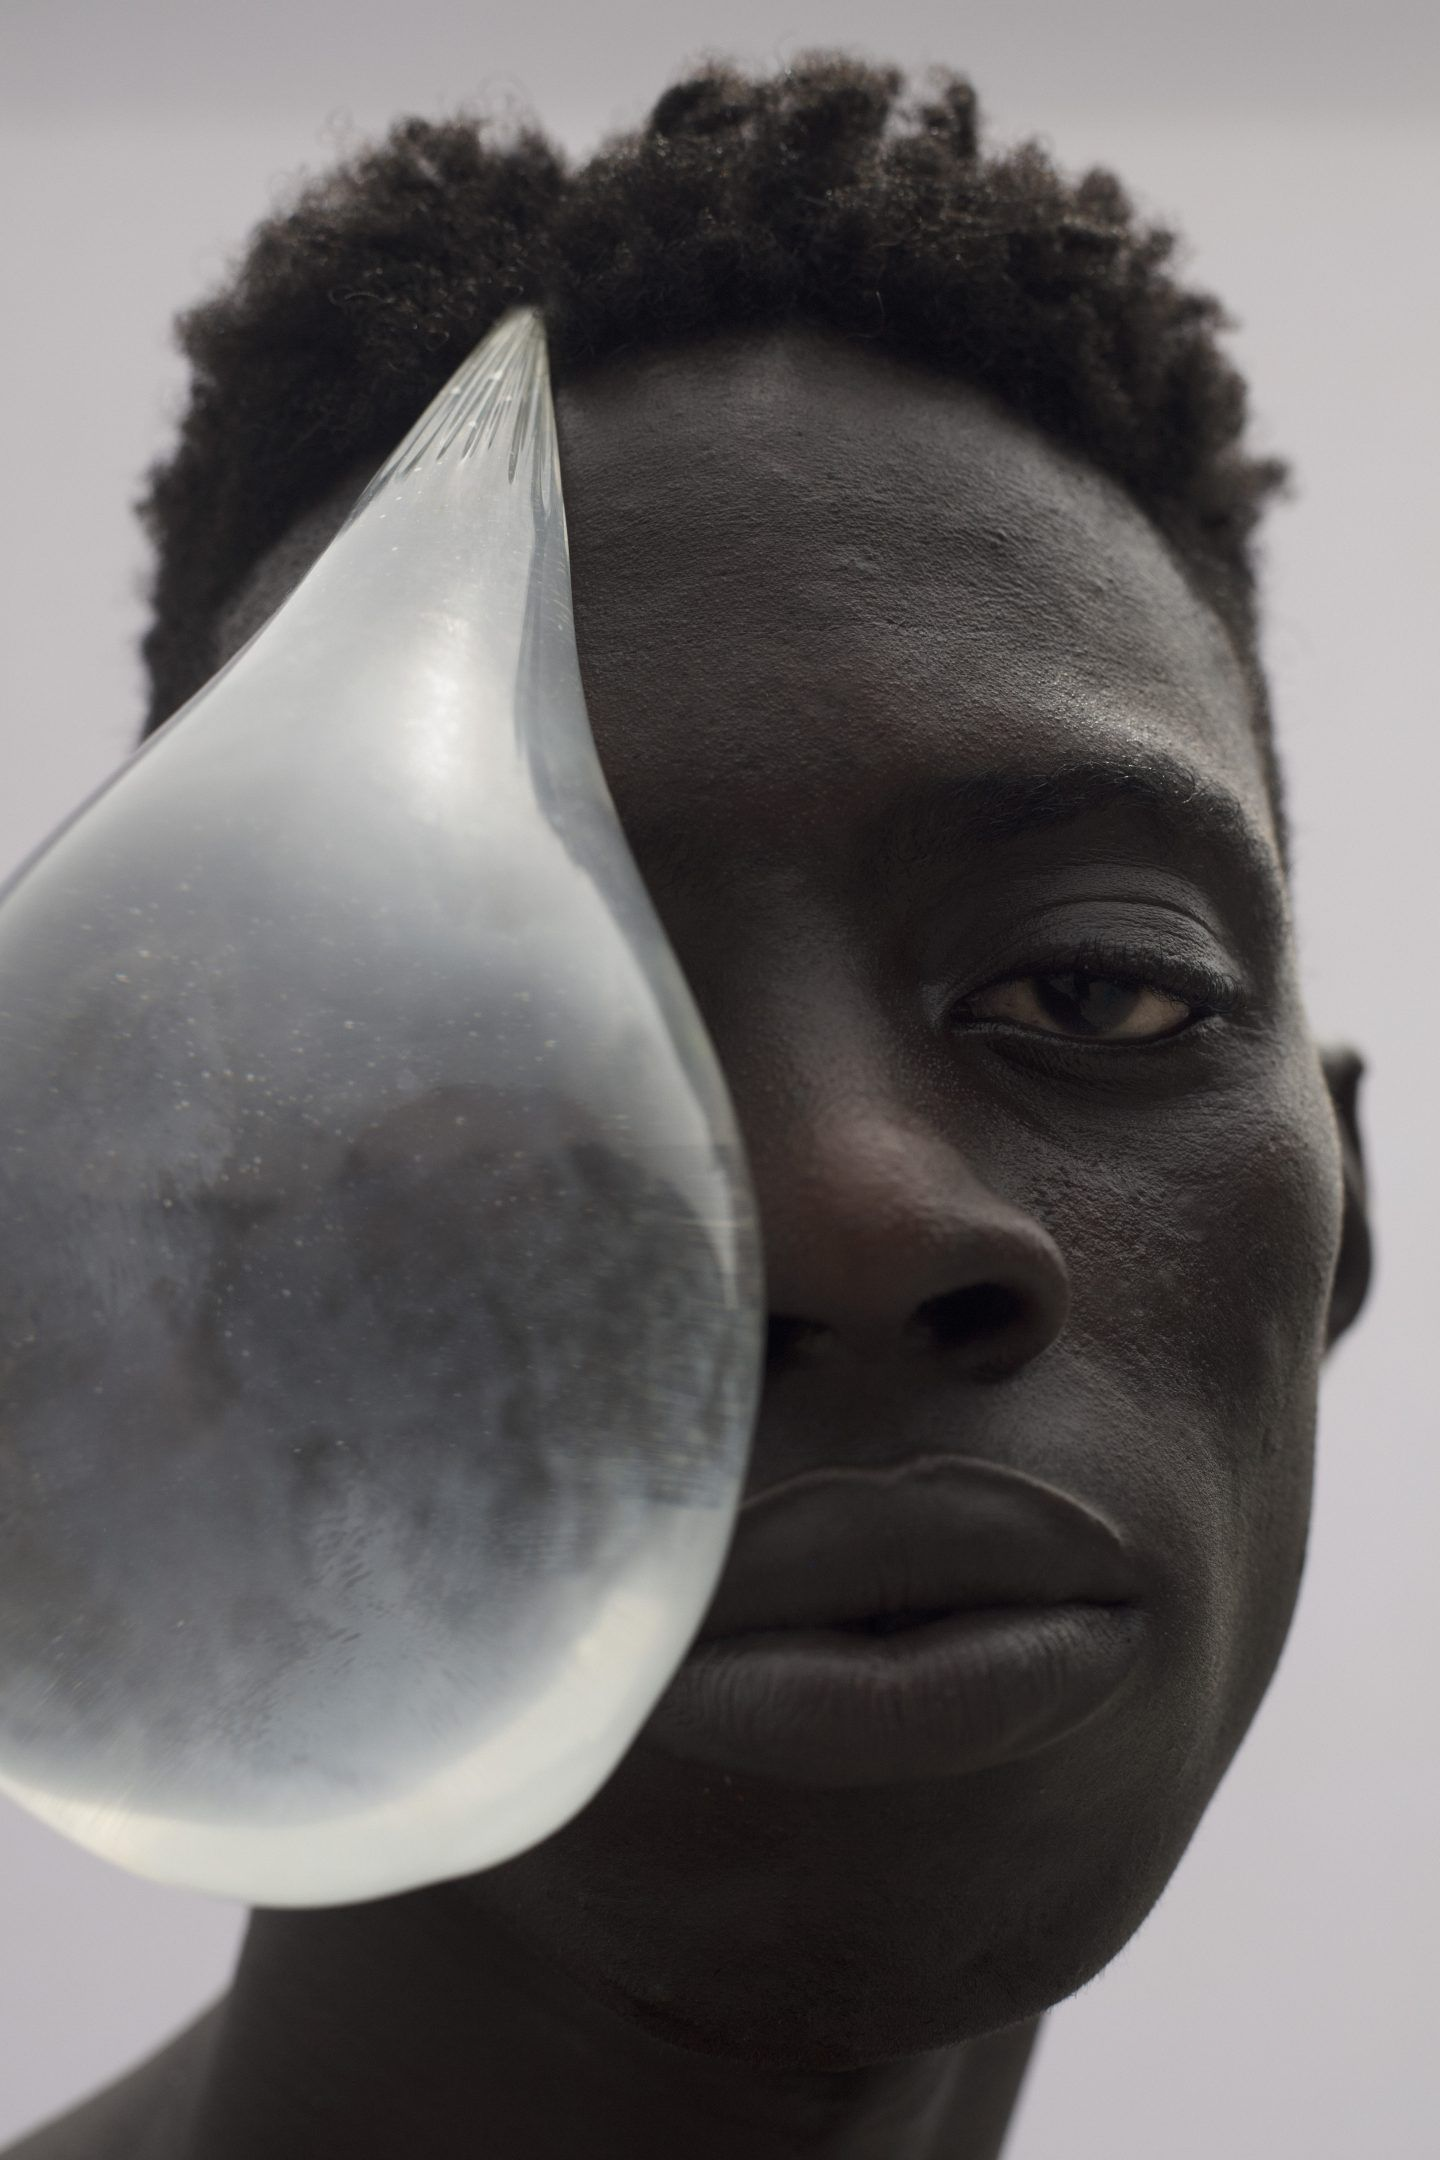 IGNANT-Photography-LakinOgunbanwo-3